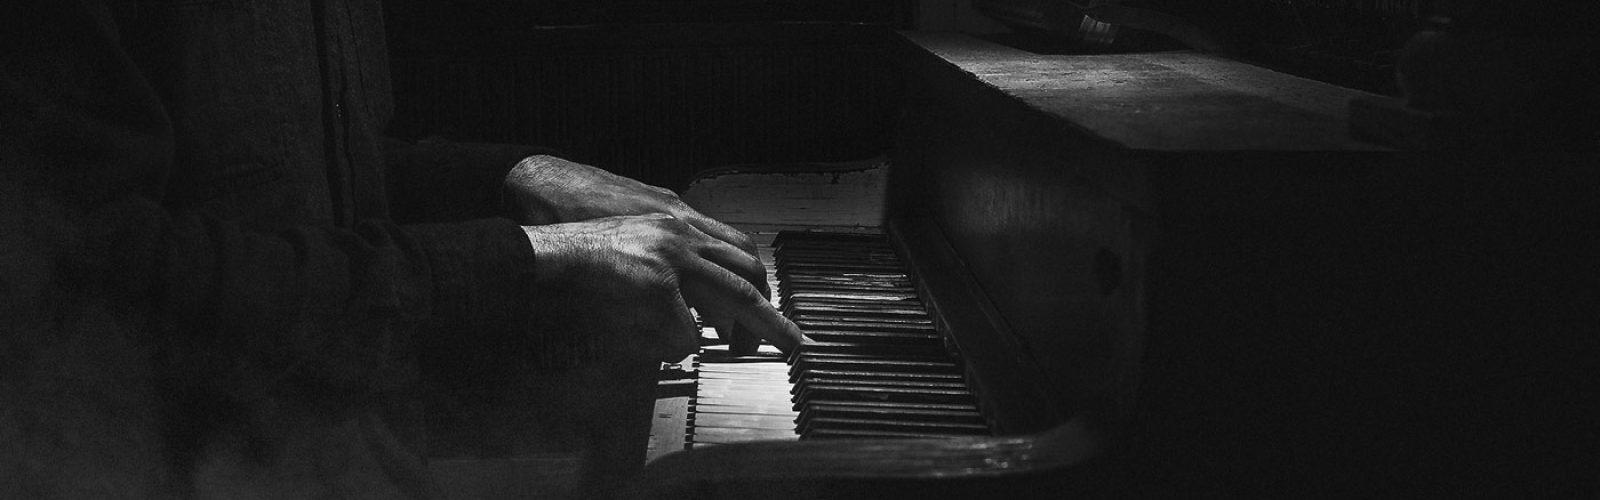 hero_02_piano.jpg